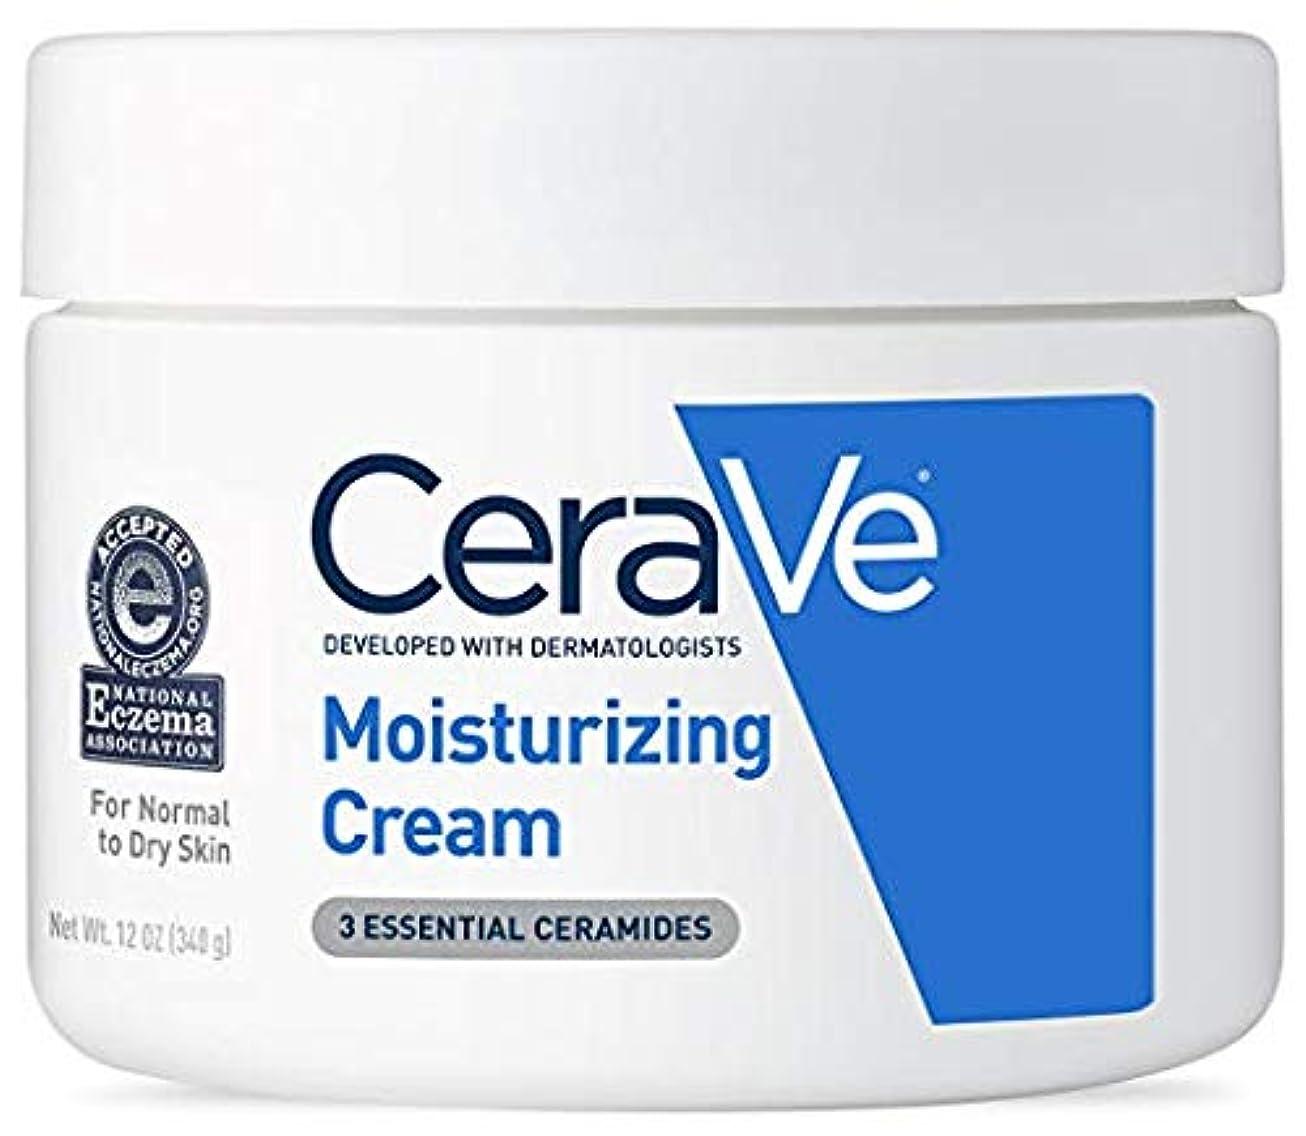 召喚する全く誰もCeraVe (セラヴィ) モイスチャライジングクリーム CeraVe Moisturizing Cream Daily Face and Body Moisturizer for Dry Skin